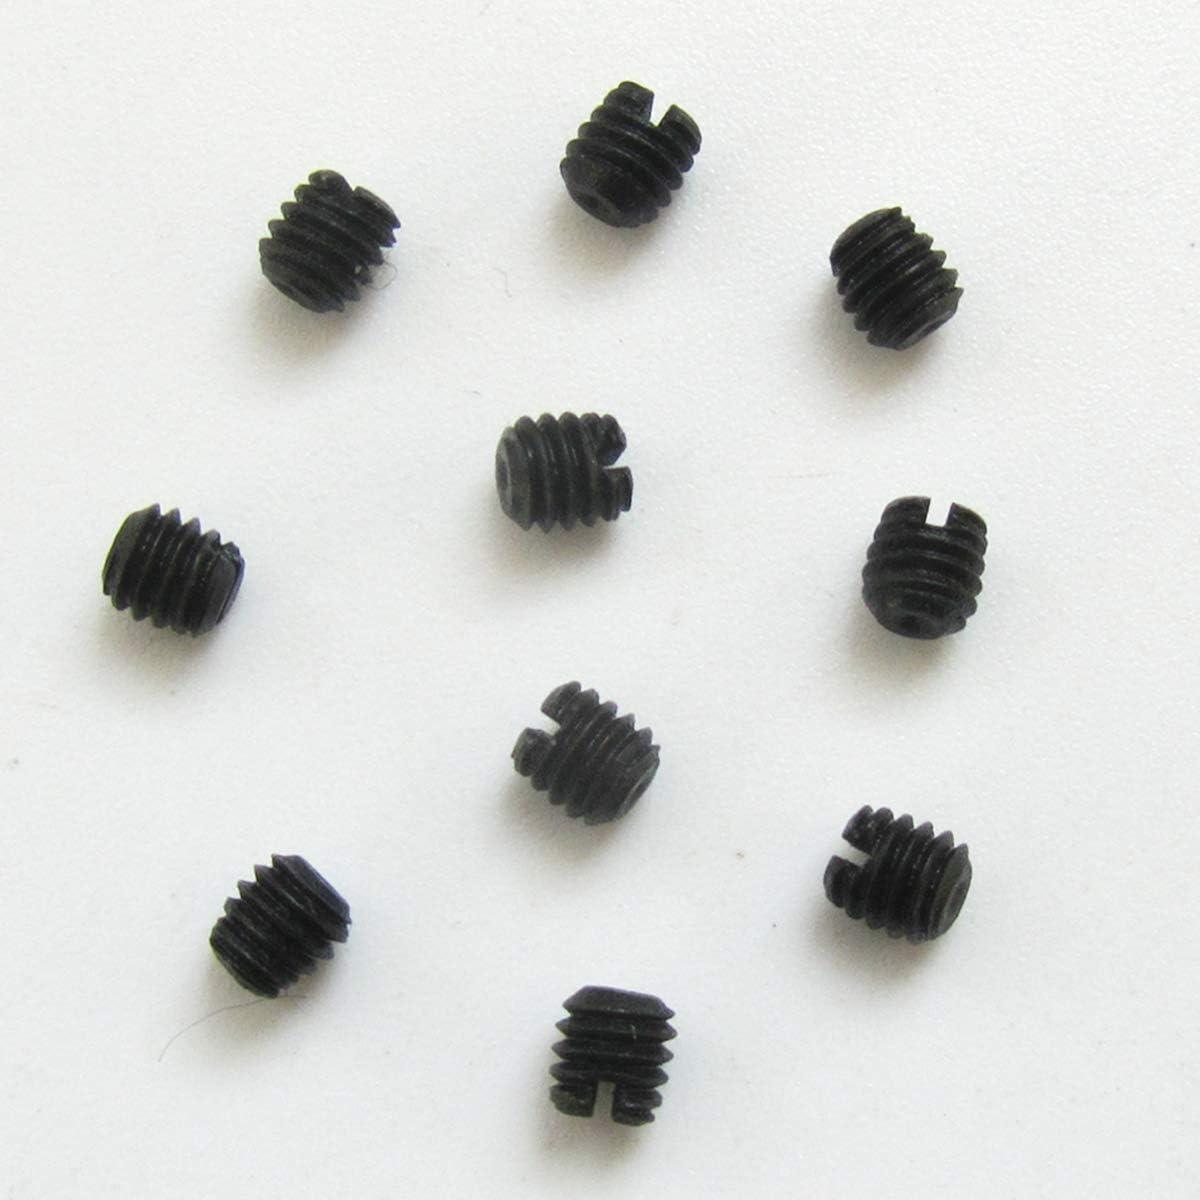 KUNPENG - 10 piezas TORNILLO DE AGUJA 1/8-44 L-3.0MM 4 CADA UN # 3637 para YAMATO DCZ361 CERRADURA INDUSTRIAL para YAMATO AZ8000